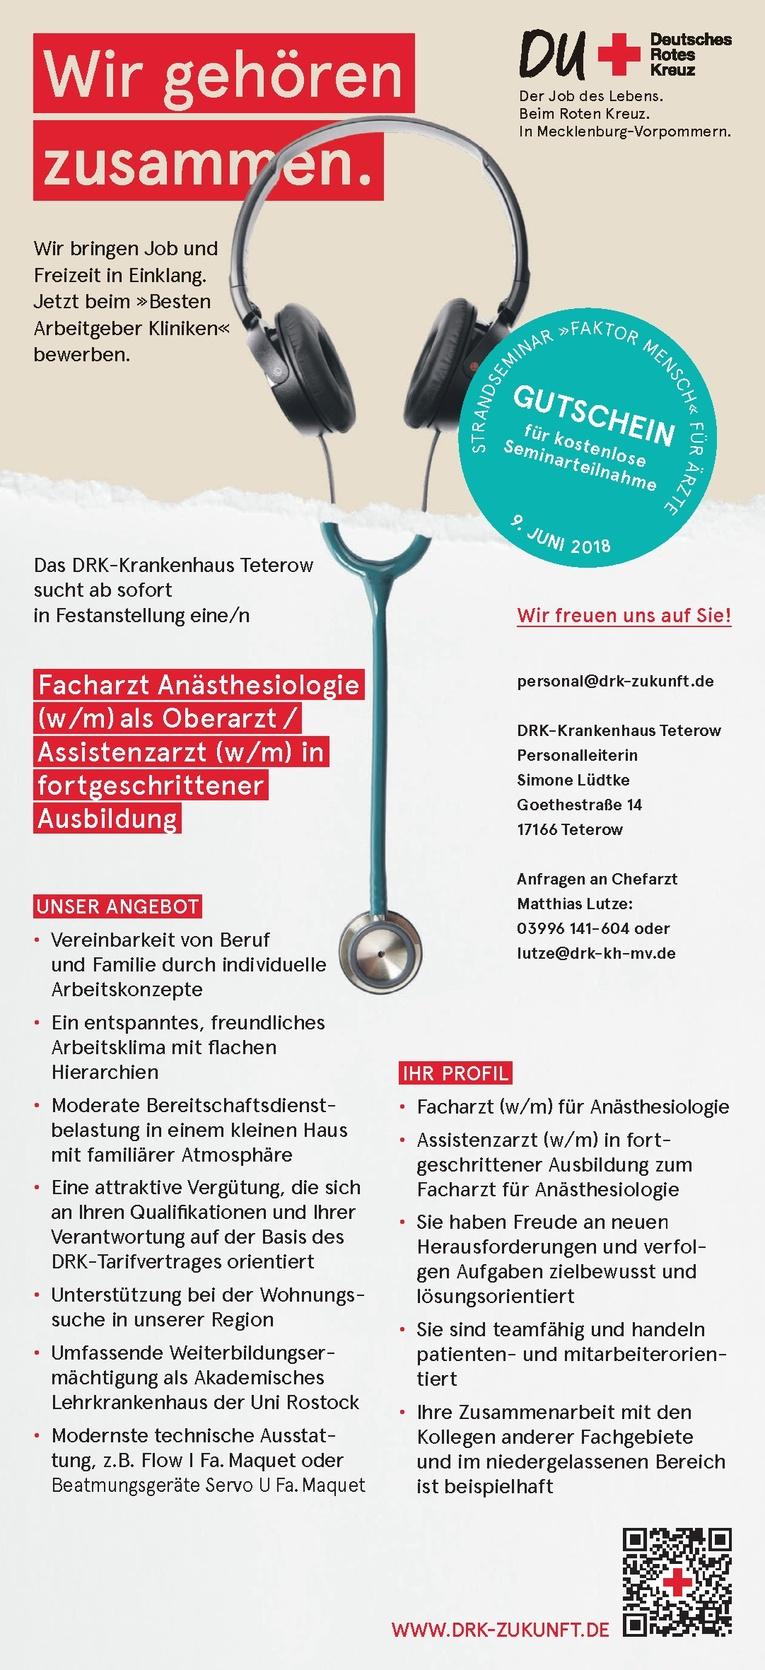 Facharzt Anästhesiologie (w/m) als Oberarzt / Assistenzarzt (w/m) in fortgeschrittener Ausbildung